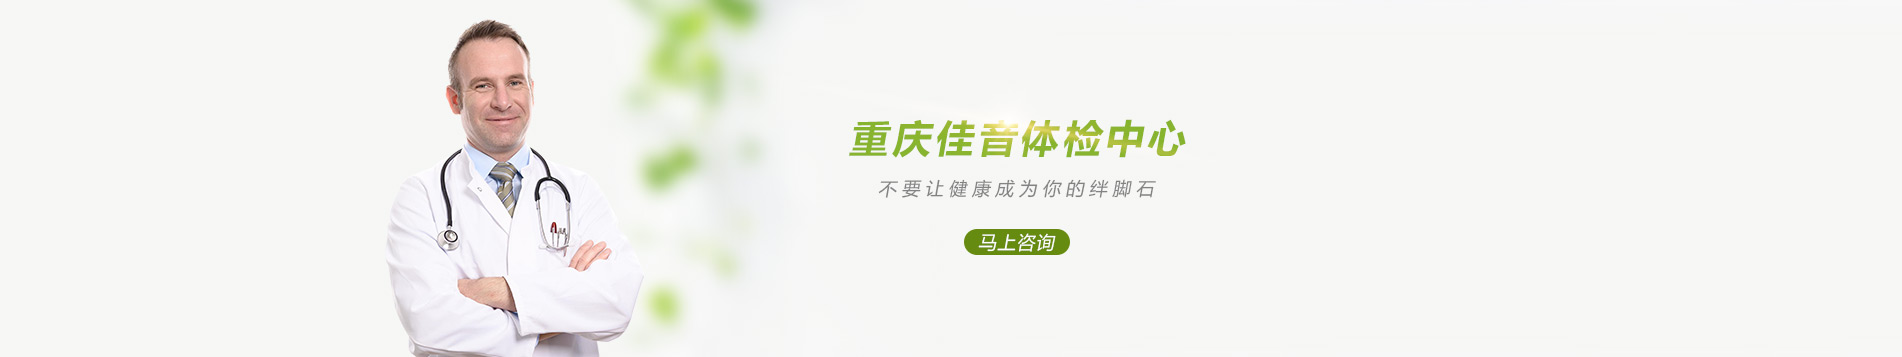 重庆佳音体检中心